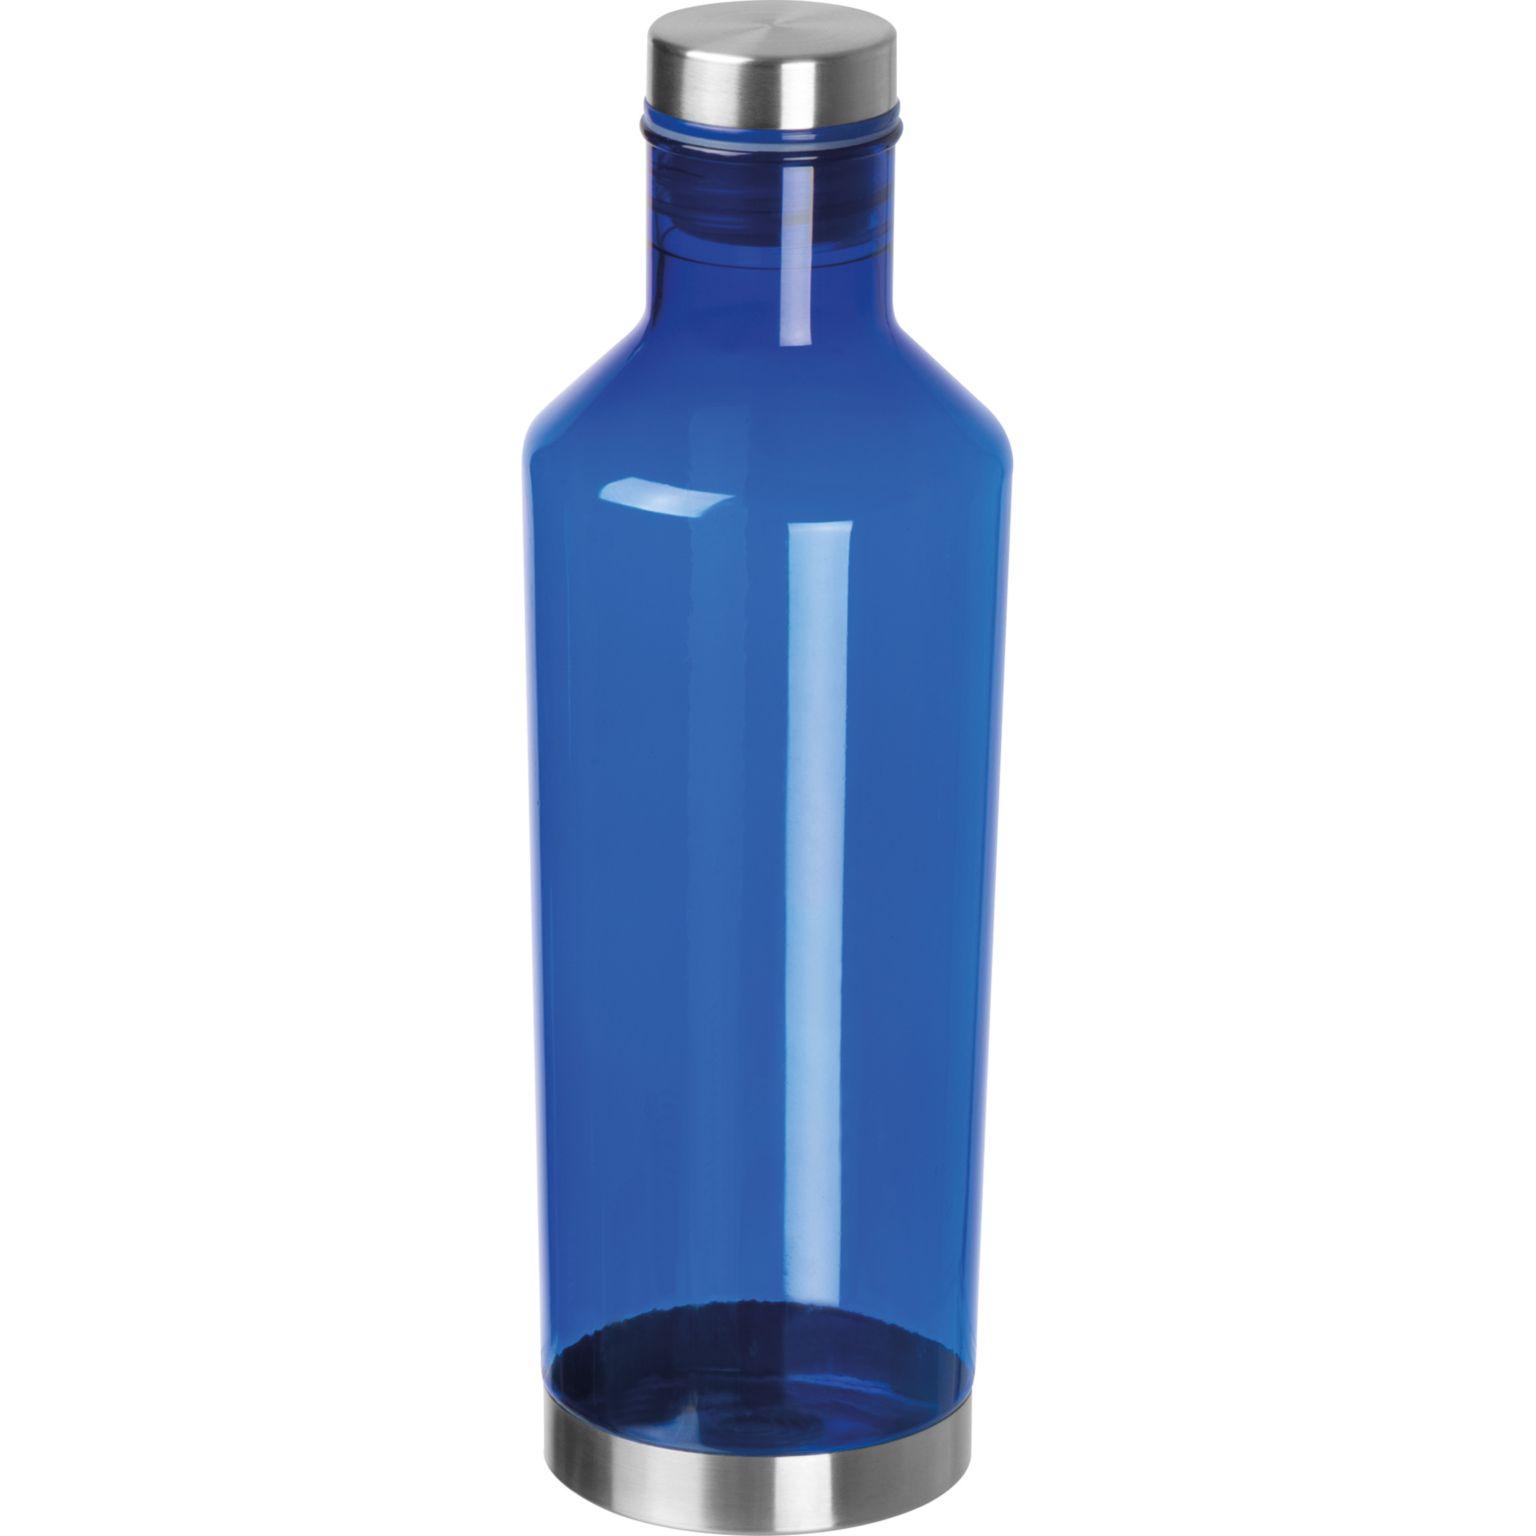 Tritan drinking bottle